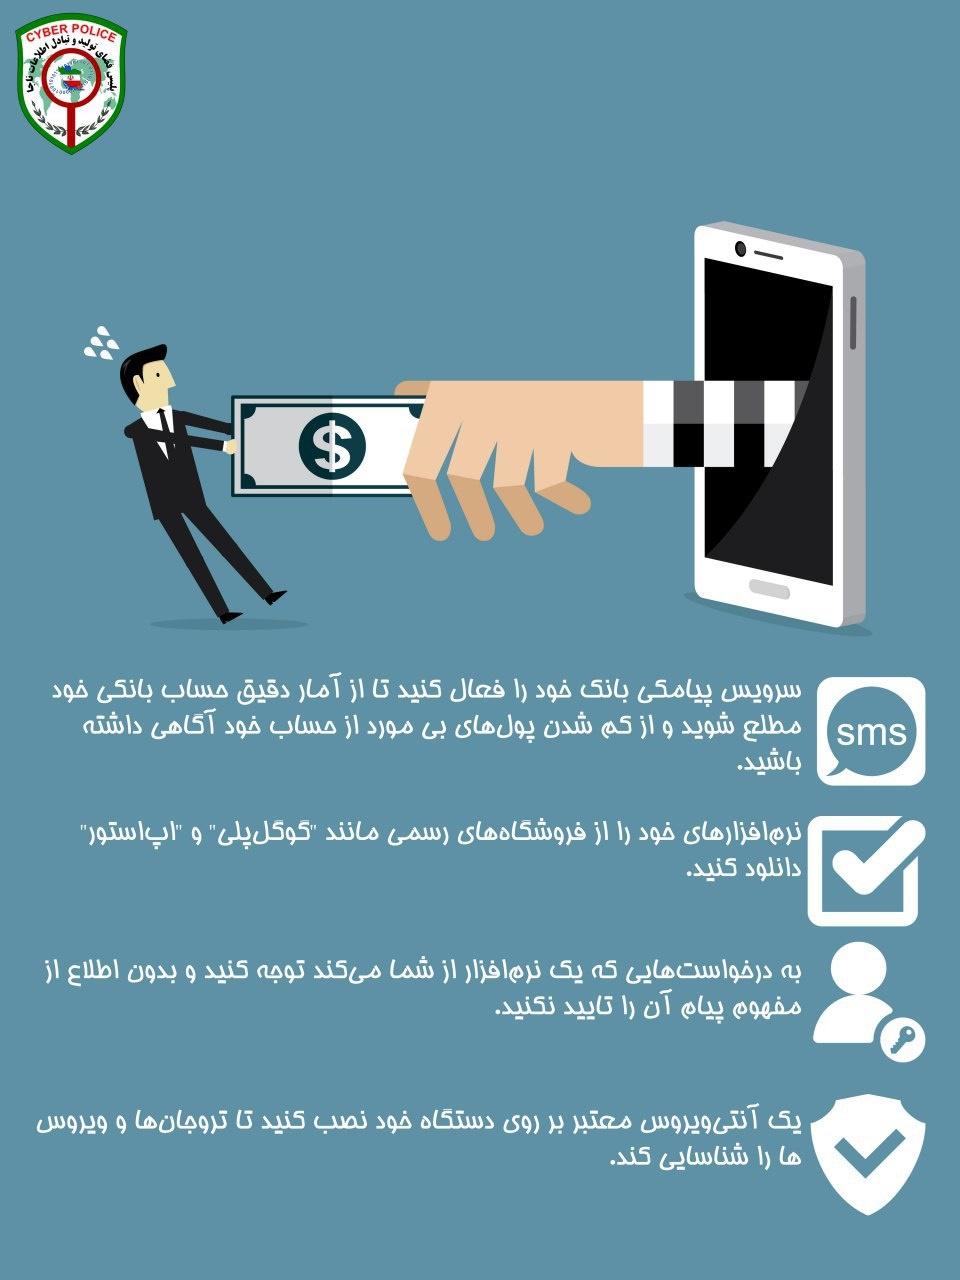 هشدار پلیس فتا به کاربران موبایل بانک